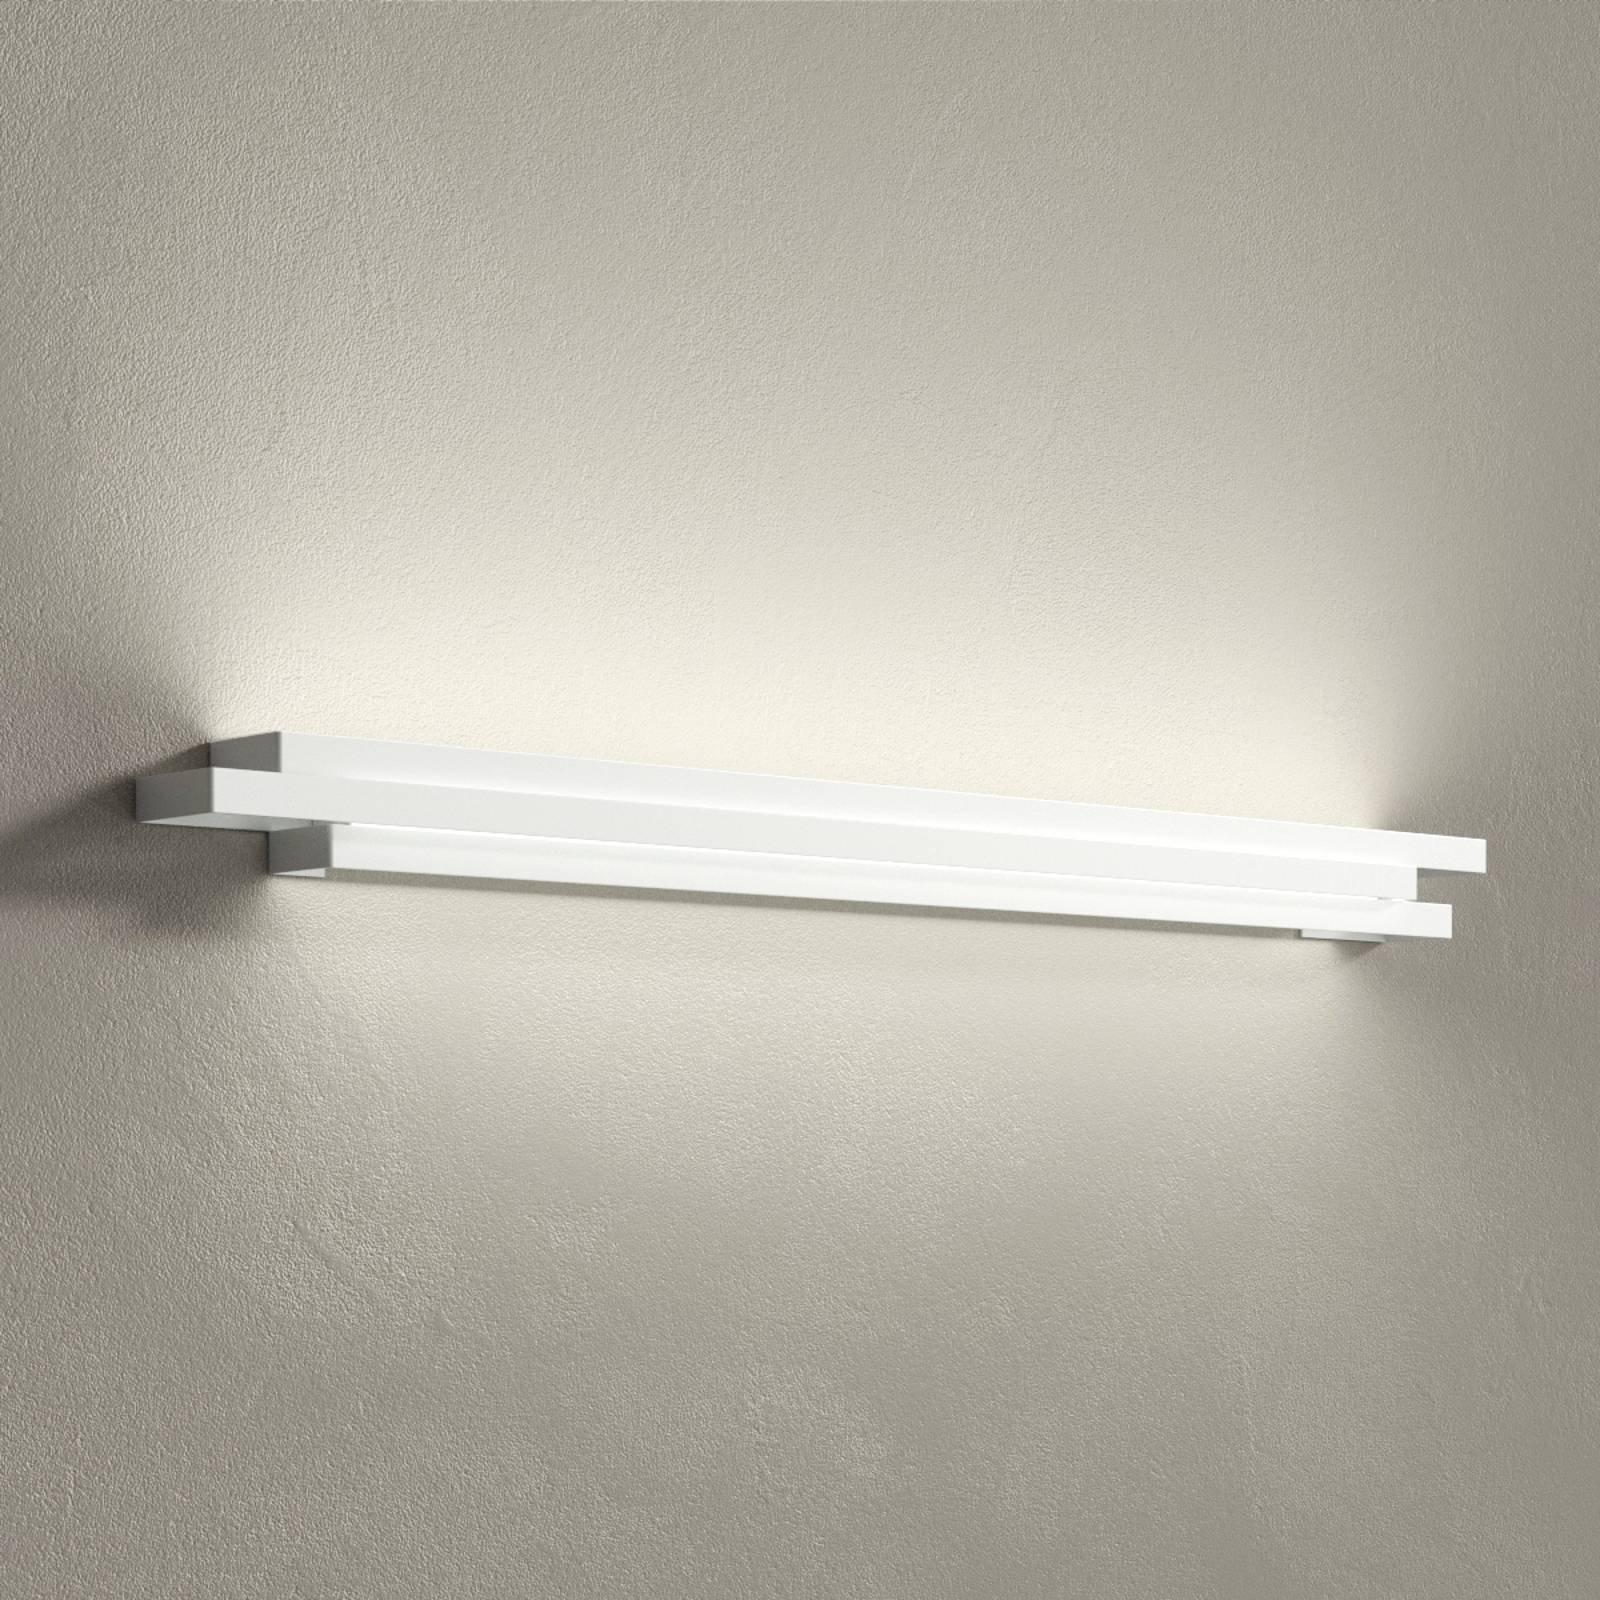 Escape LED-vegglampe 113 cm lang